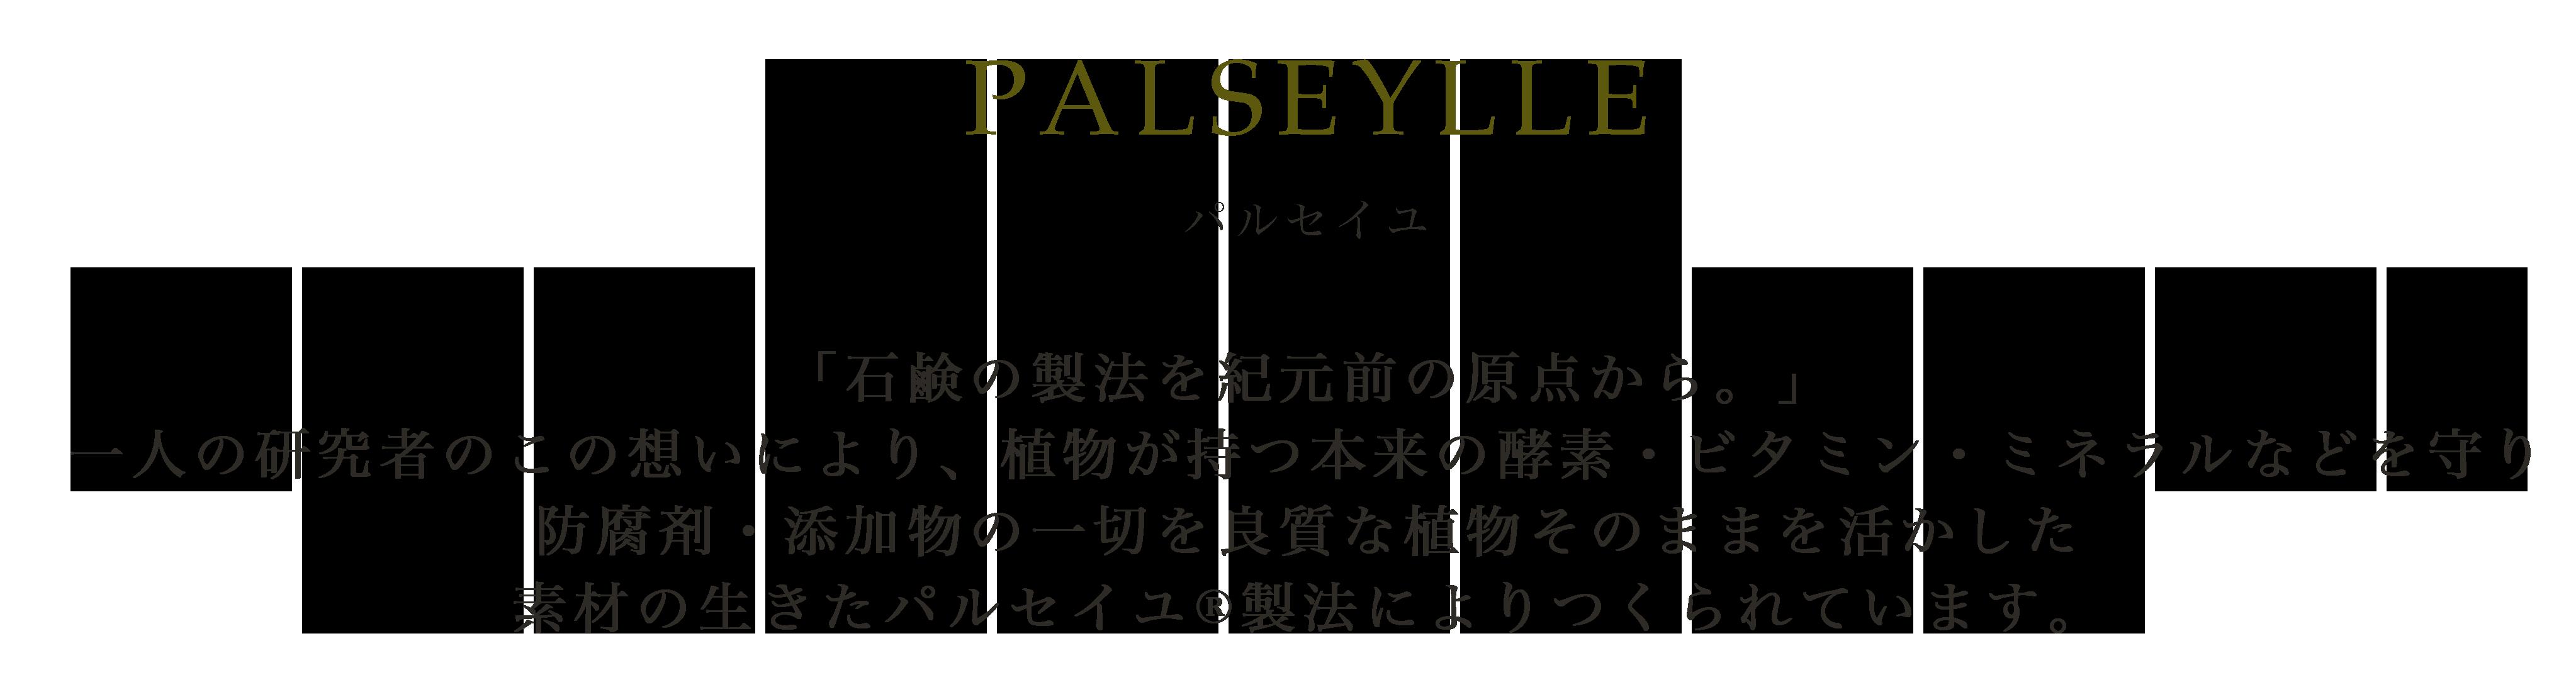 PALSEYLLE